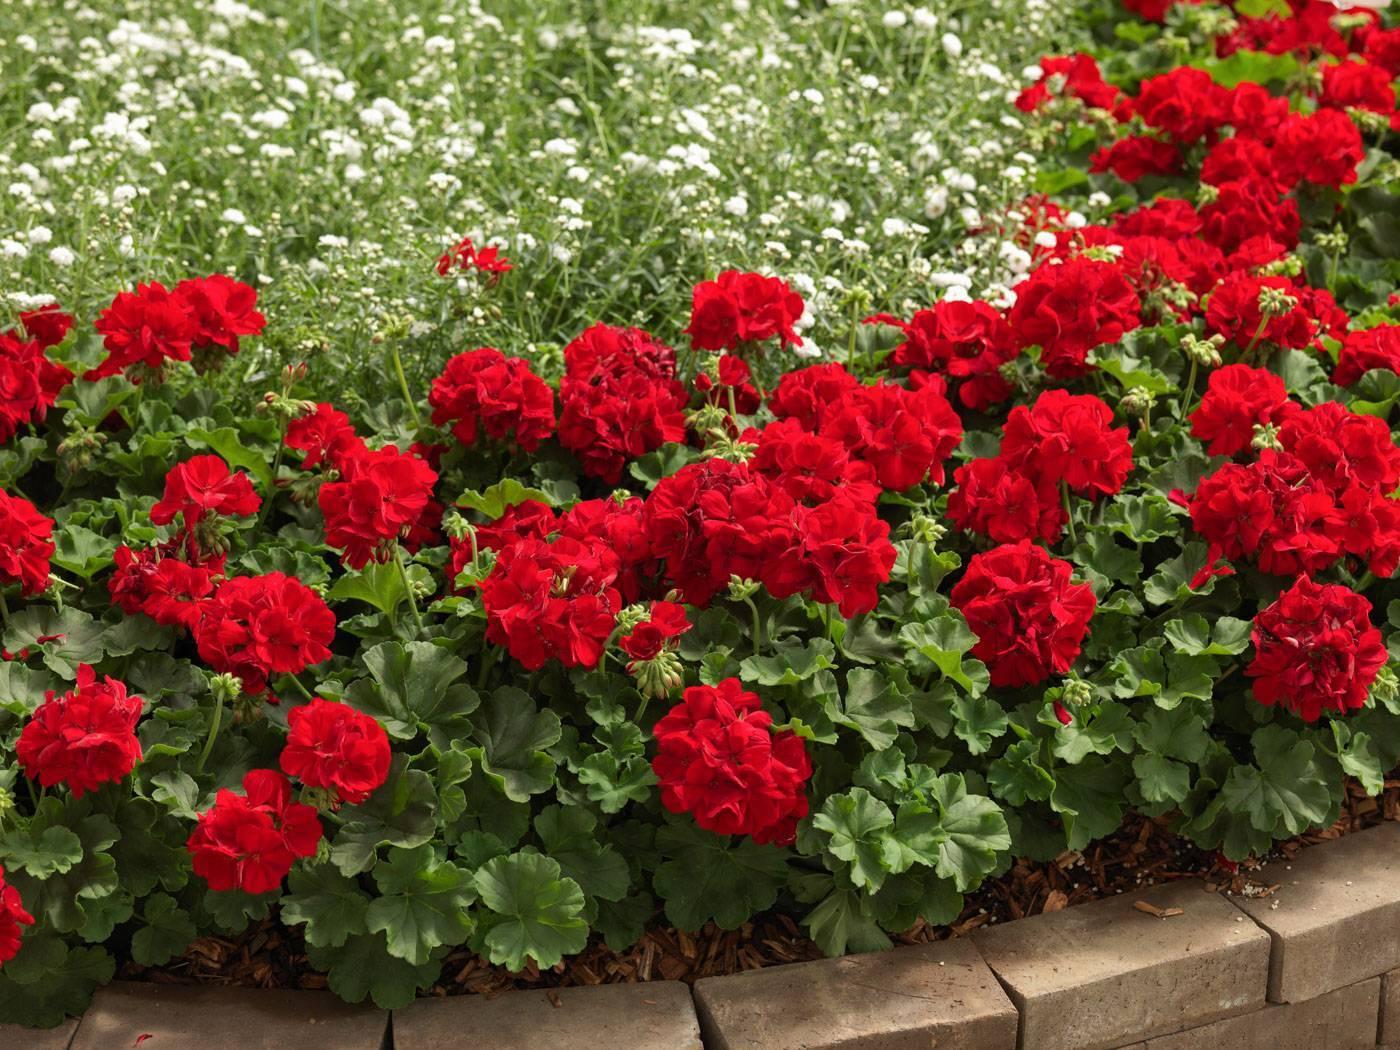 Очарование герани: обзор садовых многолетних сортов с описанием и фото, размножение и уход